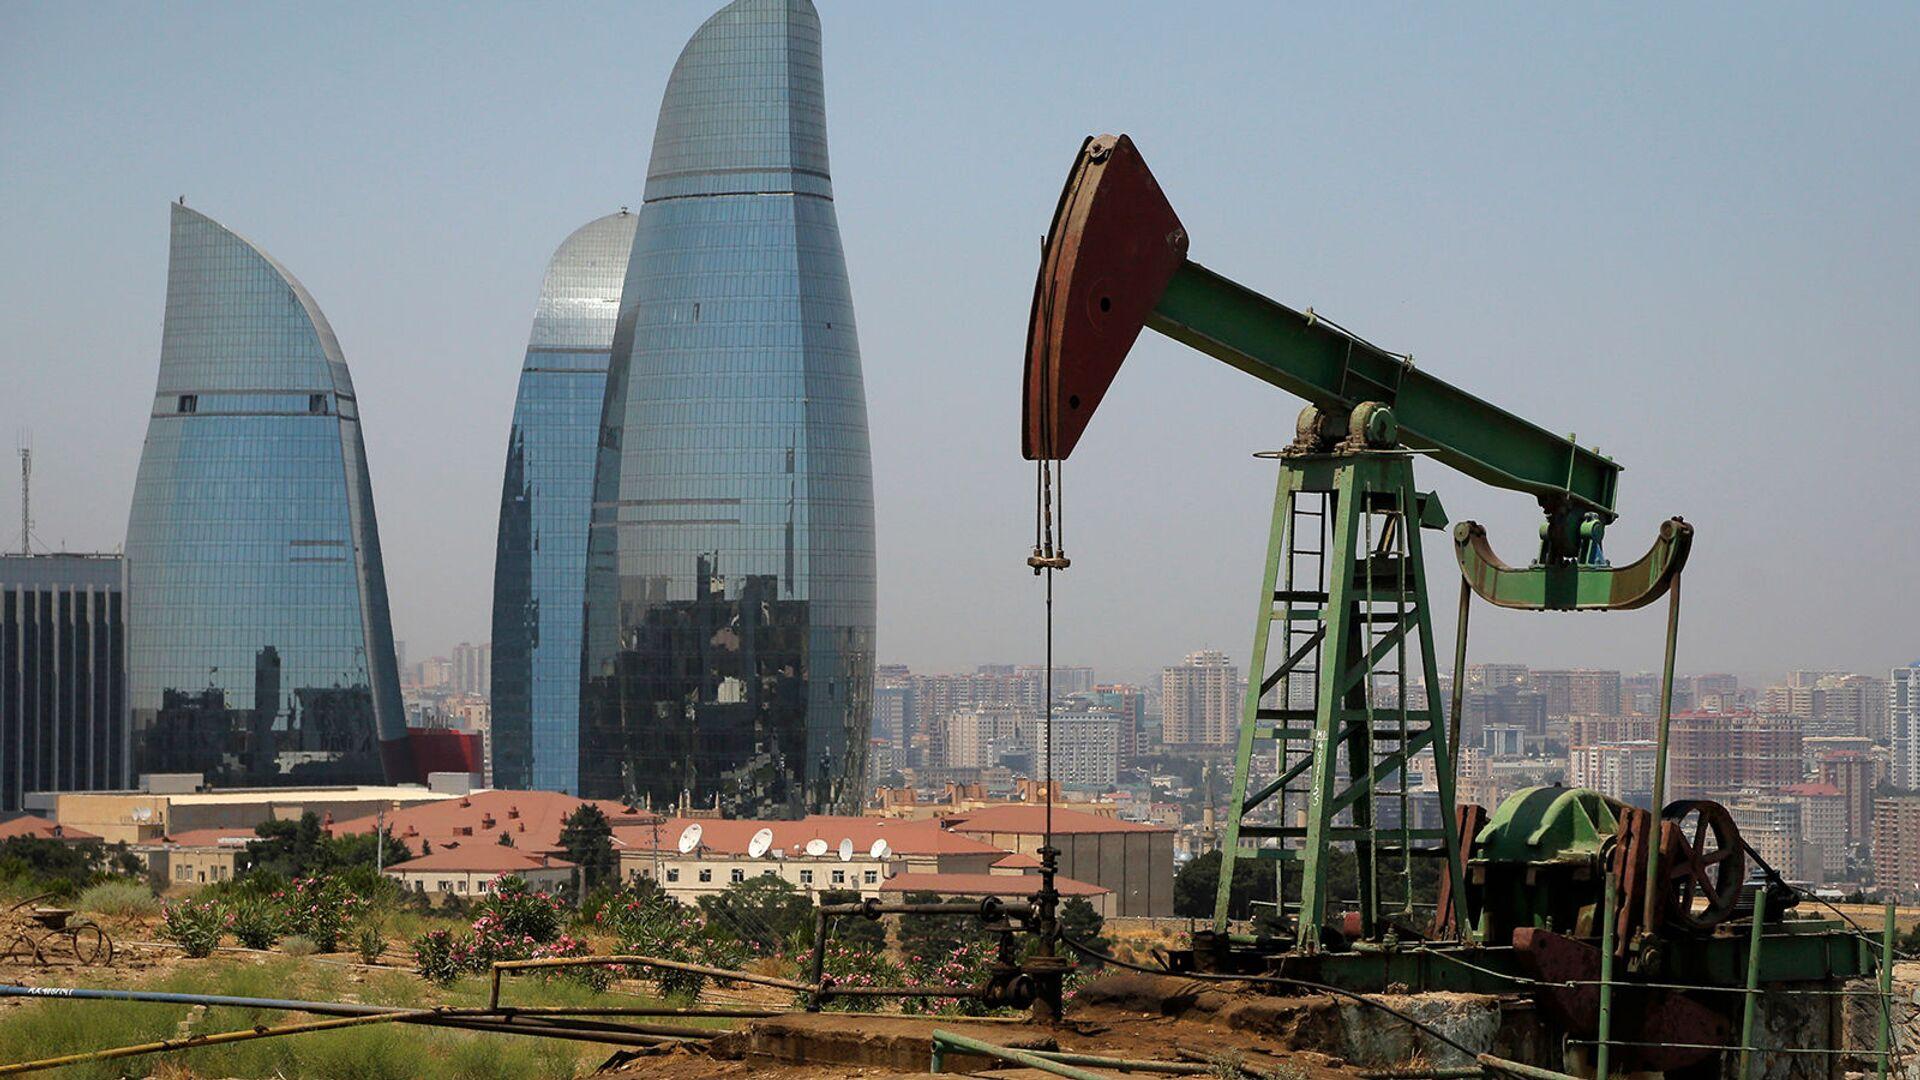 Нефтяной насос на фоне небоскребов Пламенные башни в Баку - Sputnik Армения, 1920, 14.10.2021